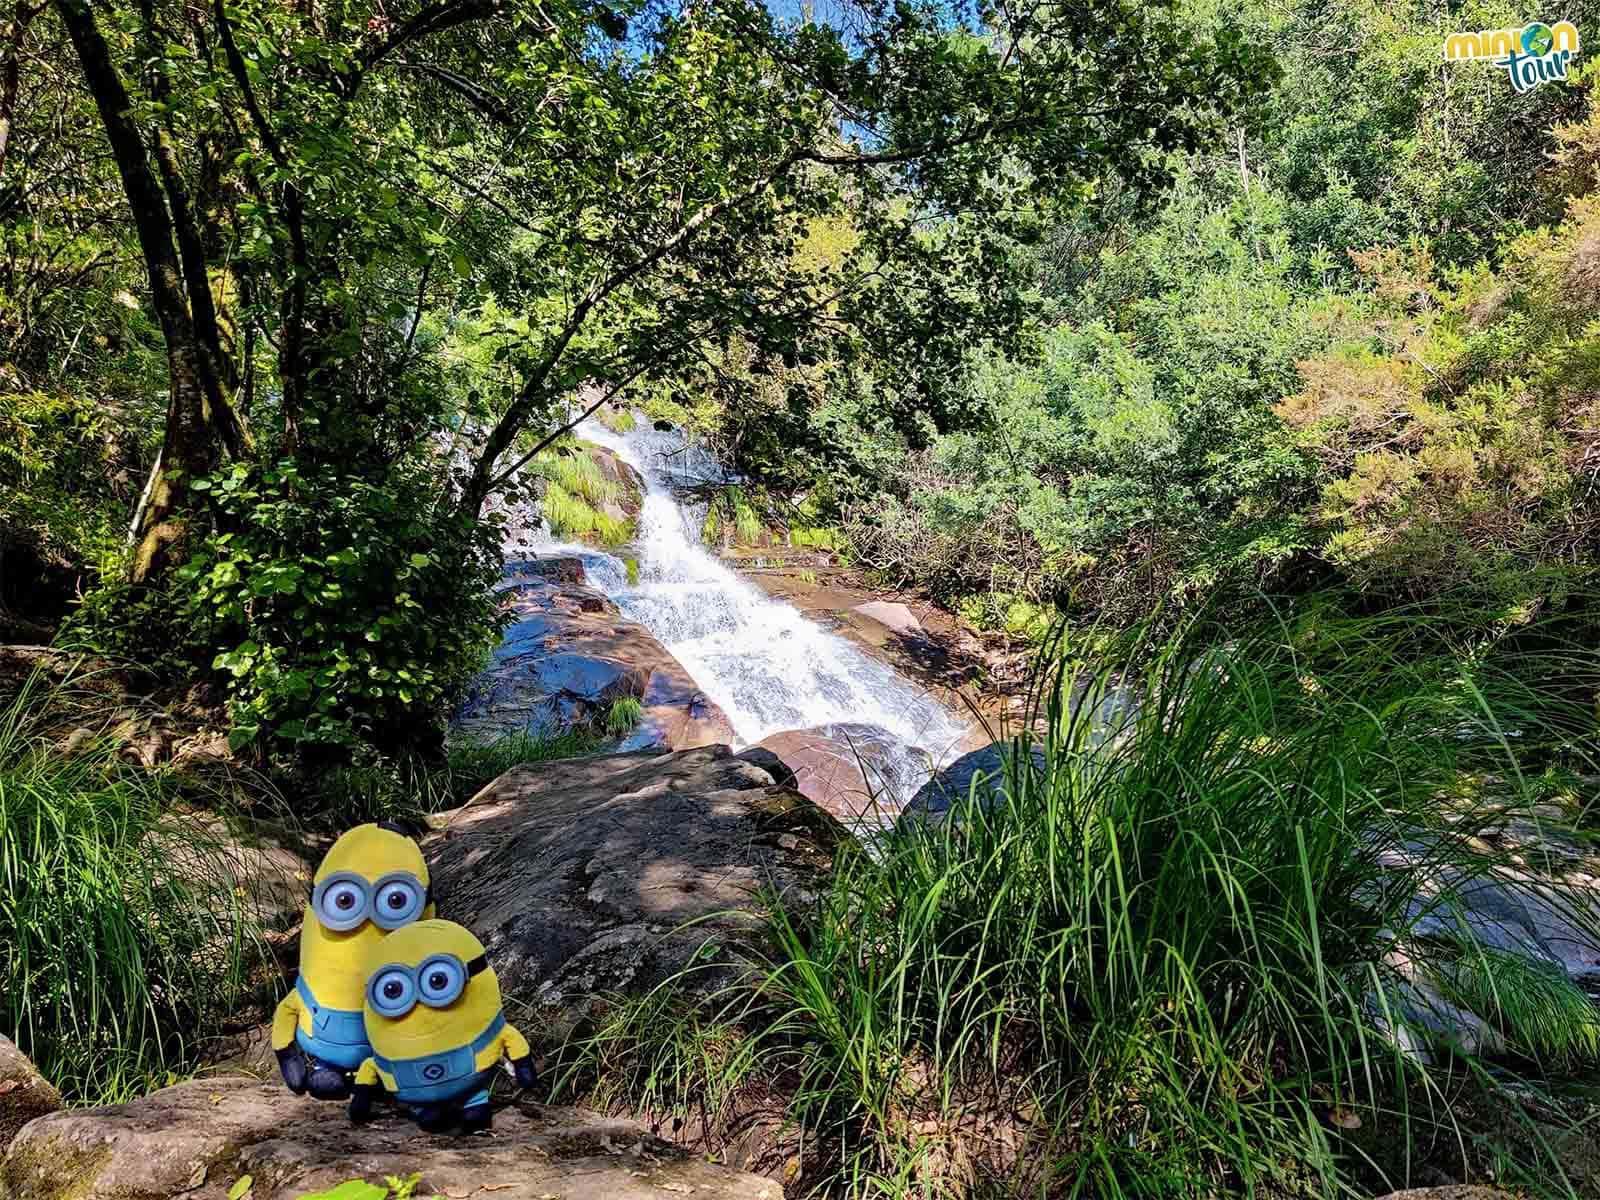 La Cascada de Toxosoutos es una chulada que puedes ver en la Ría de Muros y Noia